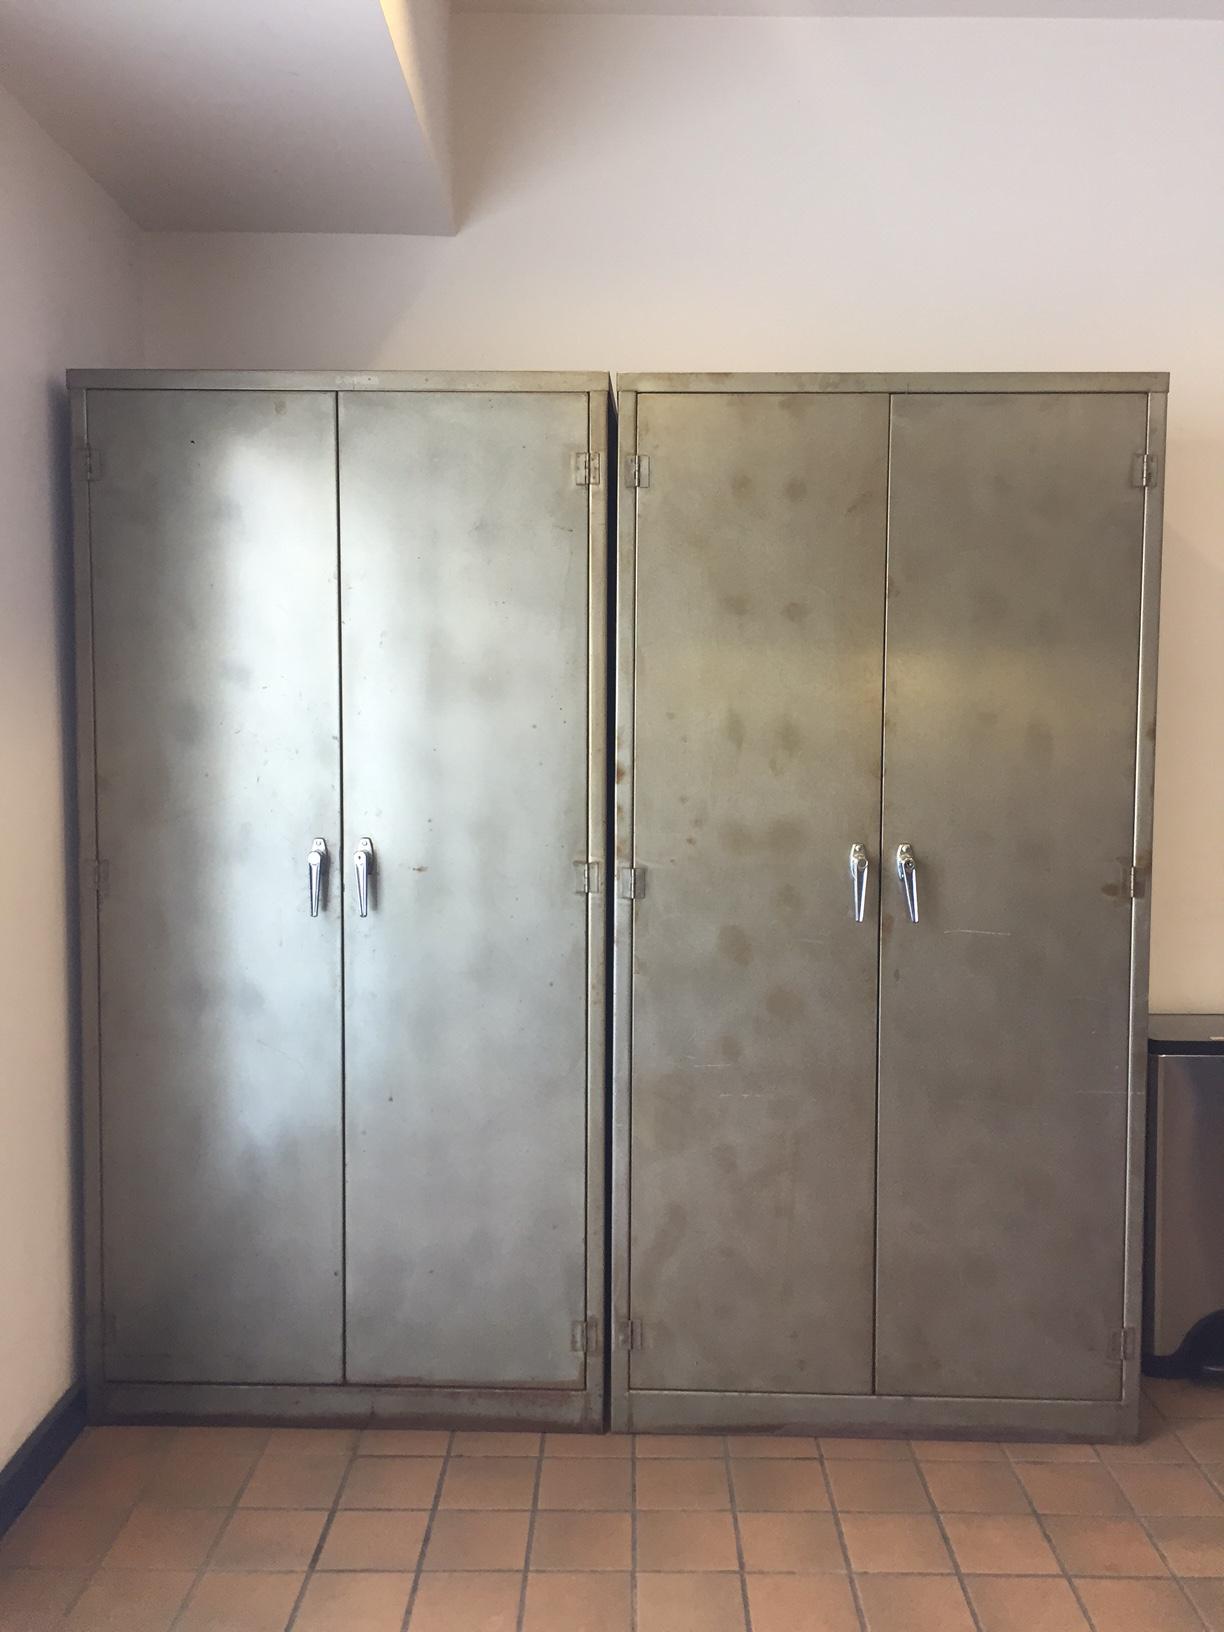 Vintage Industrial Metal Storage Cabinets Lockers  A Pair   Image 2 Of 10